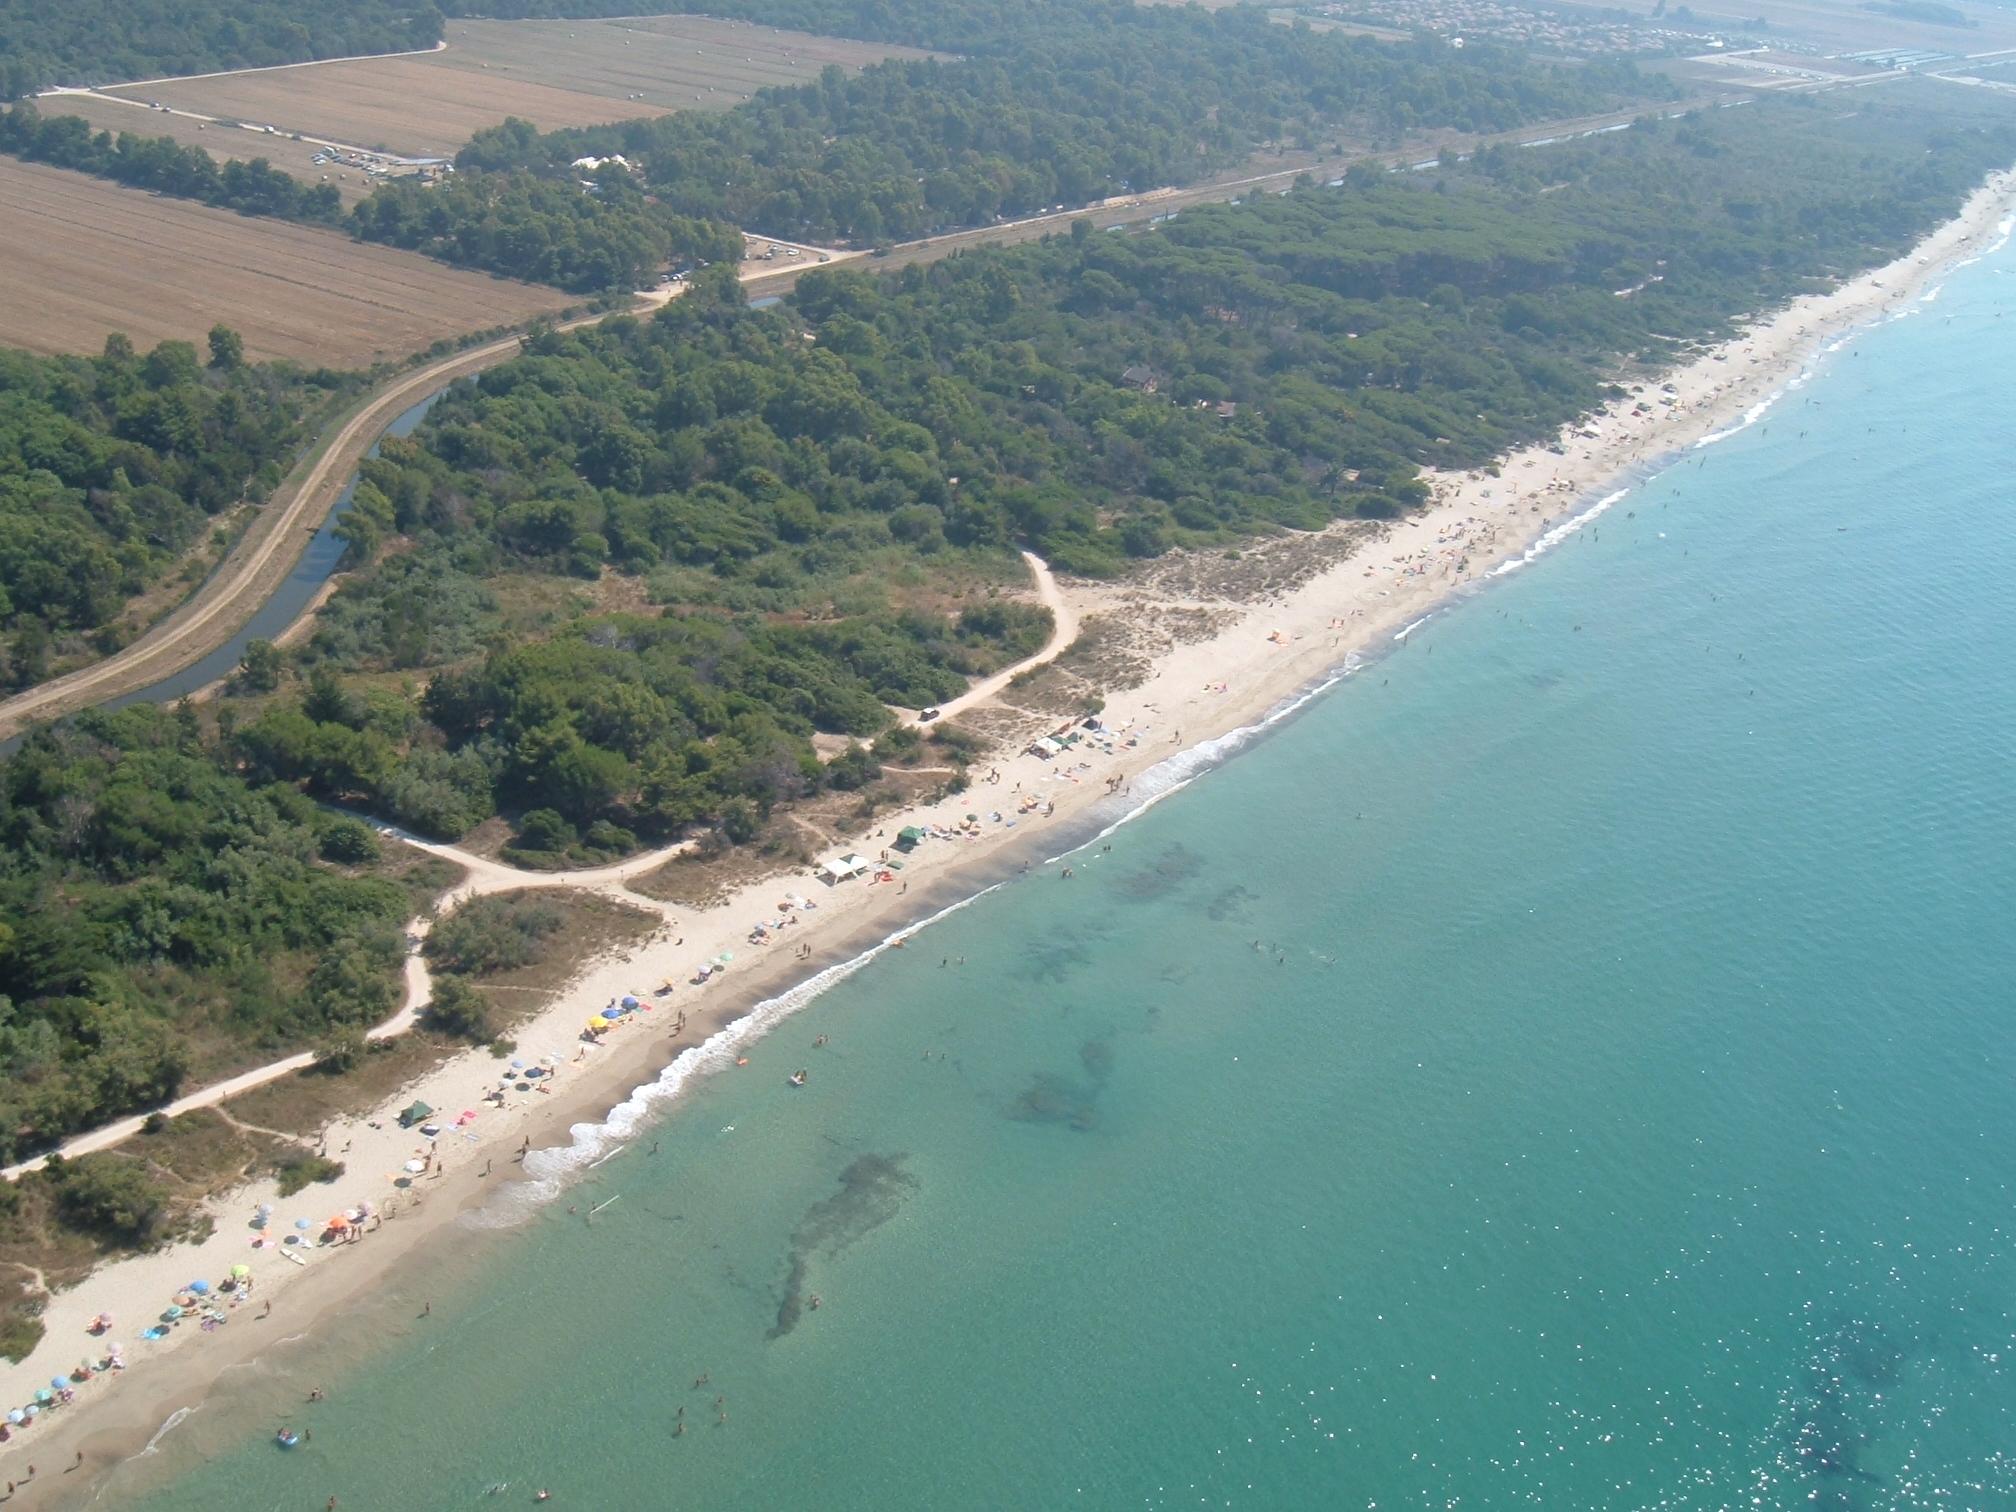 Spiaggia Parco Costiero della Sterpaia - Piombino